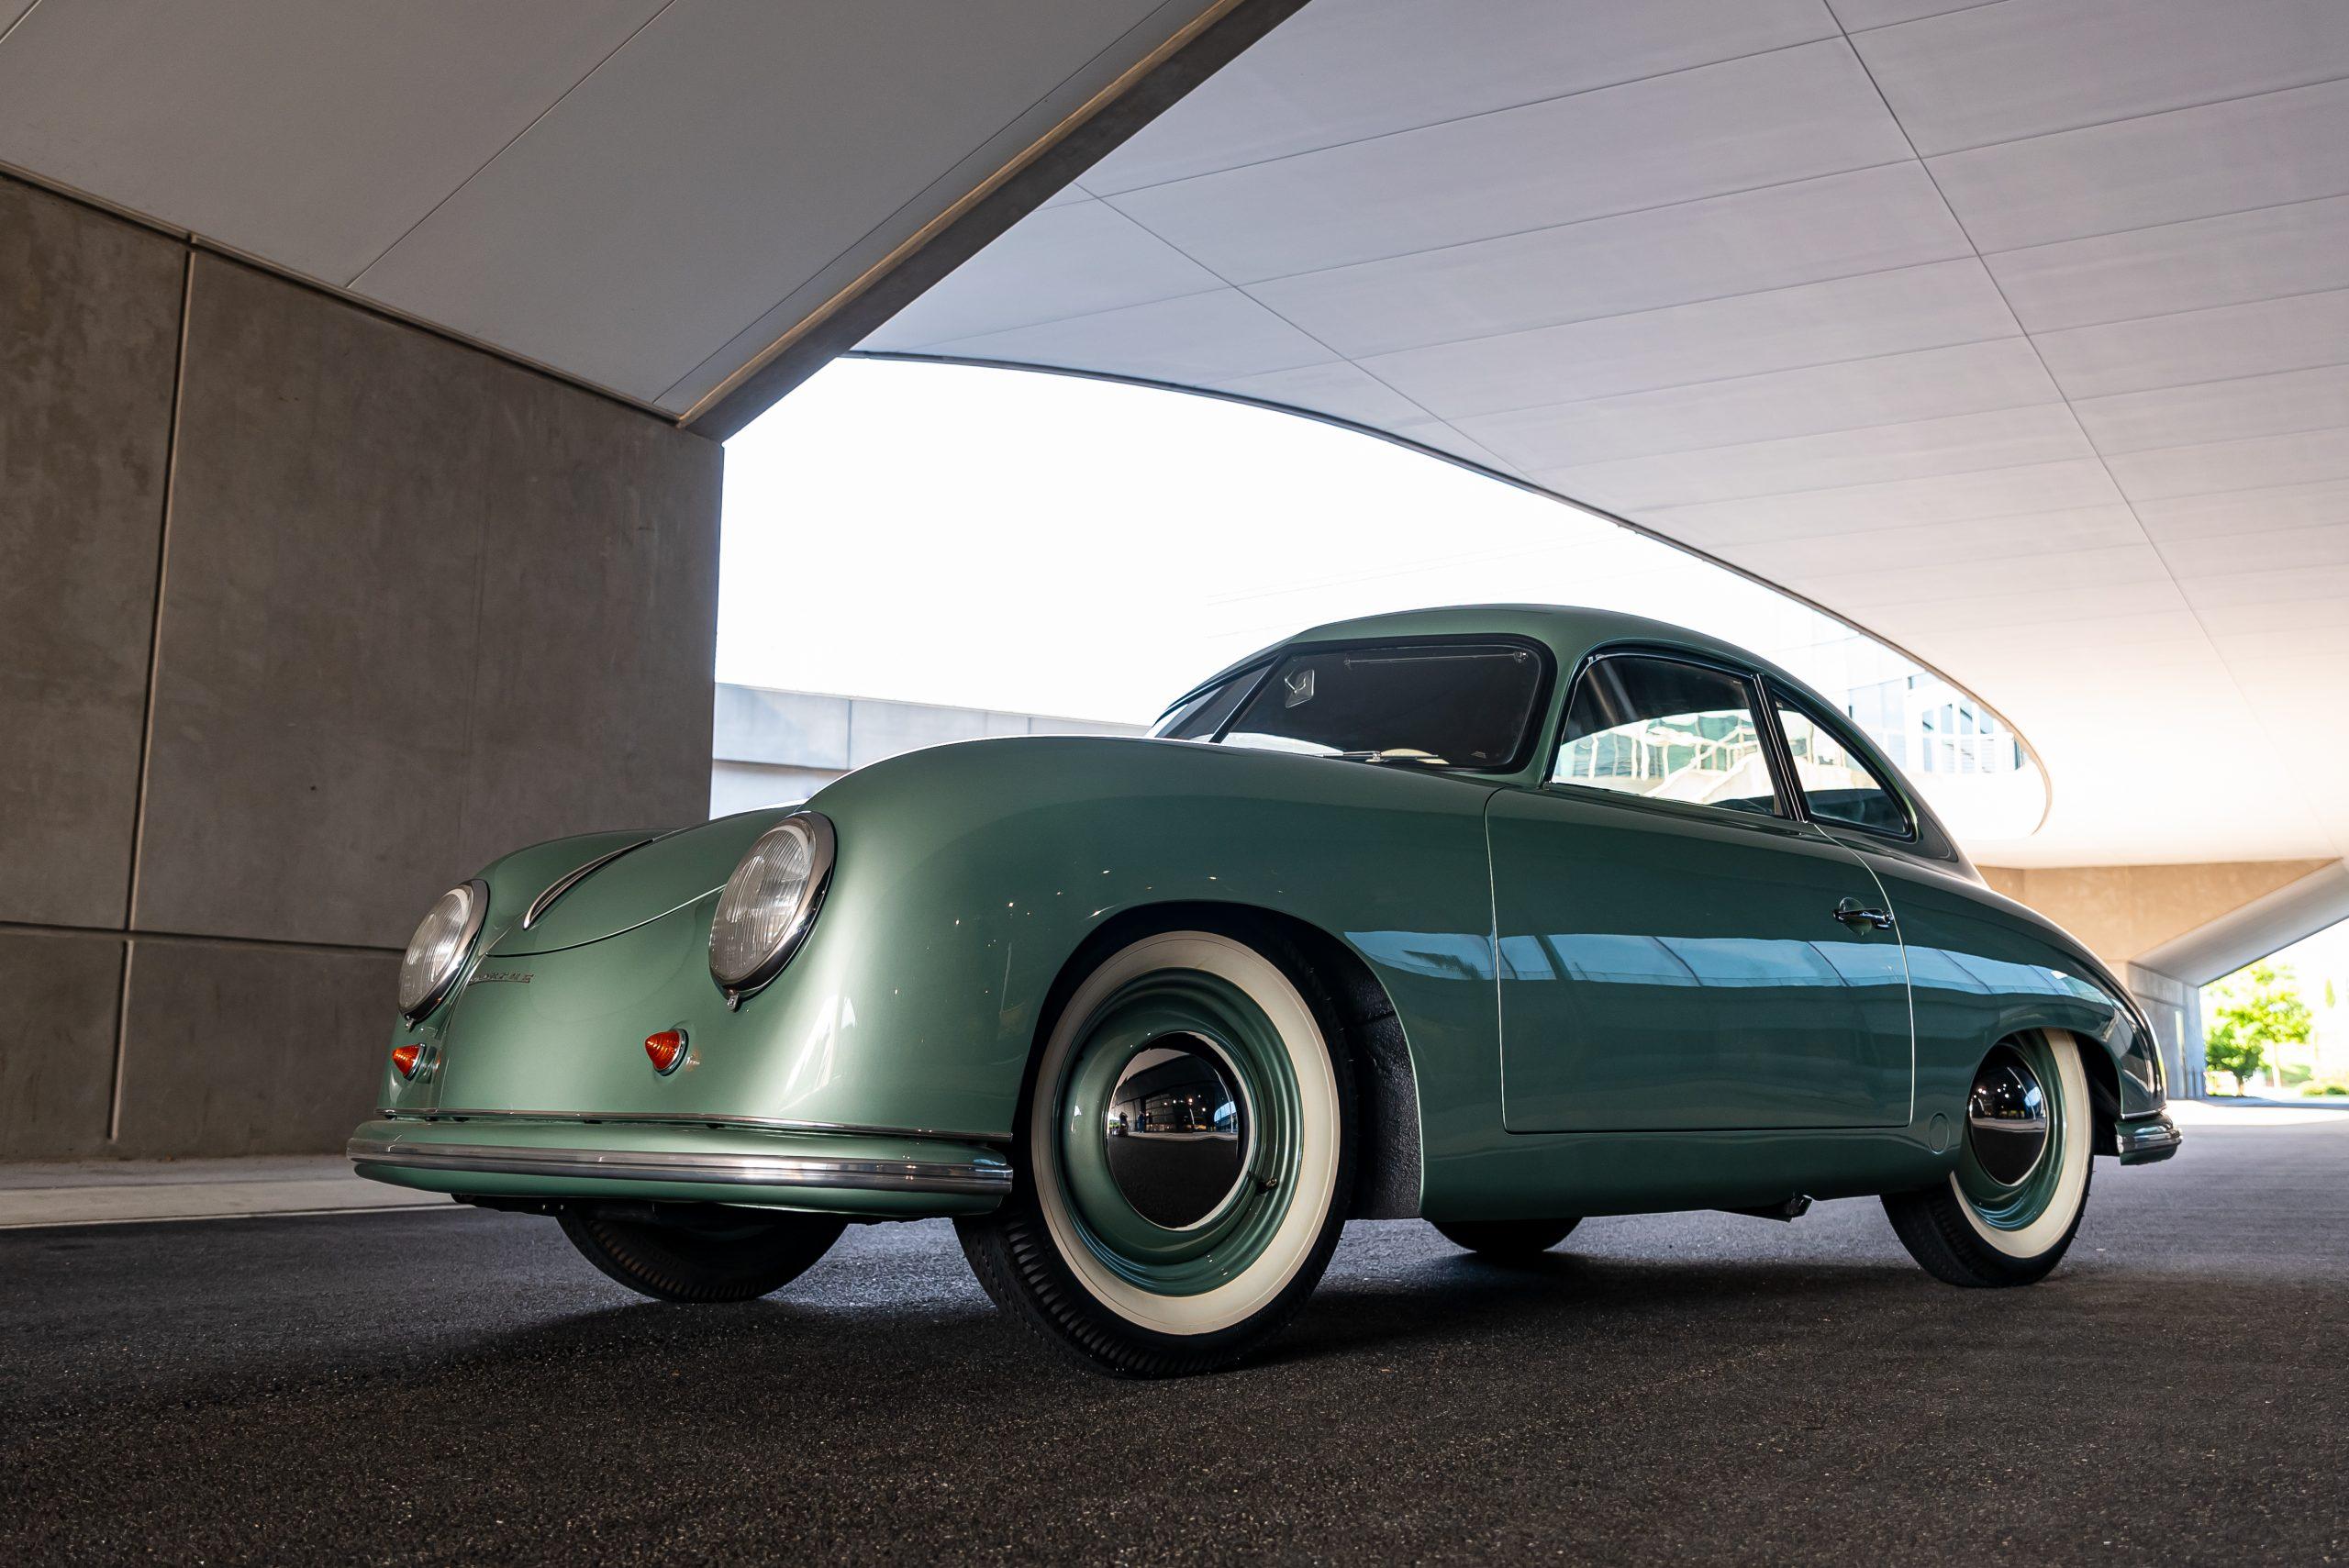 1950 porsche 356 1-1-liter coupe in radium green